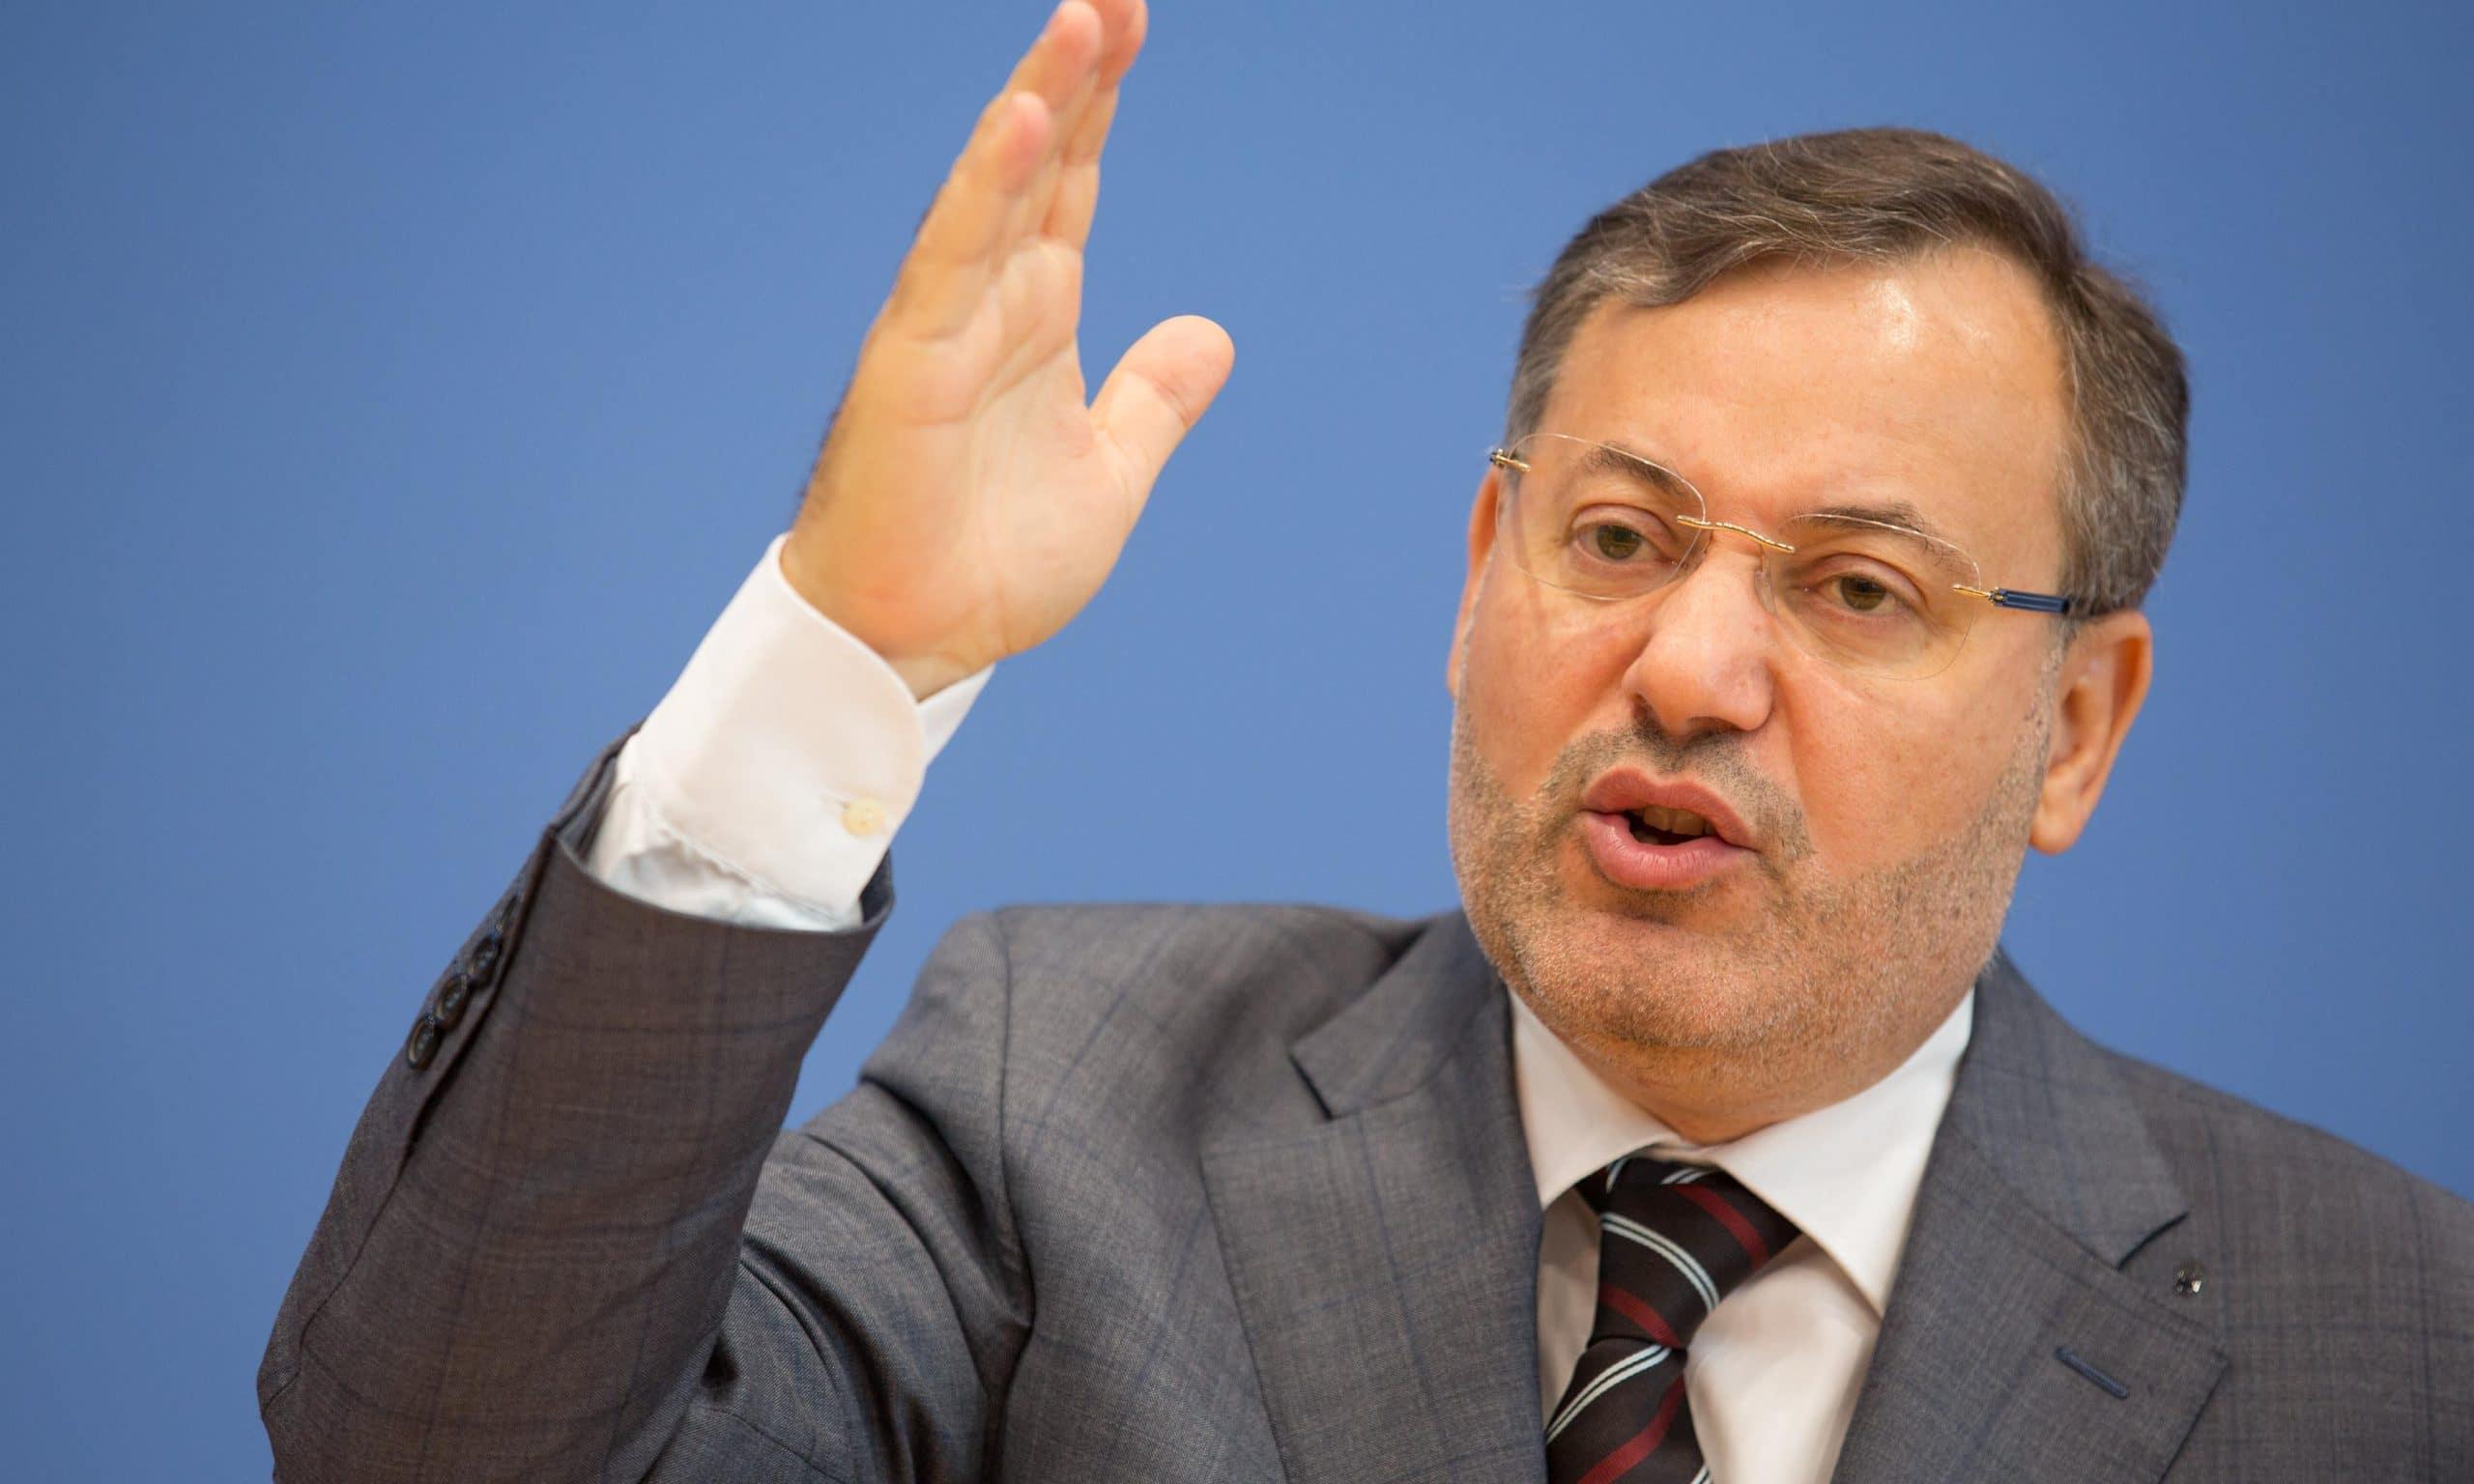 """أحمد منصور يكشف عن """"خطة جهنمية"""" وضعت لإسقاط الإخوان في مصر وتونس والمغرب"""